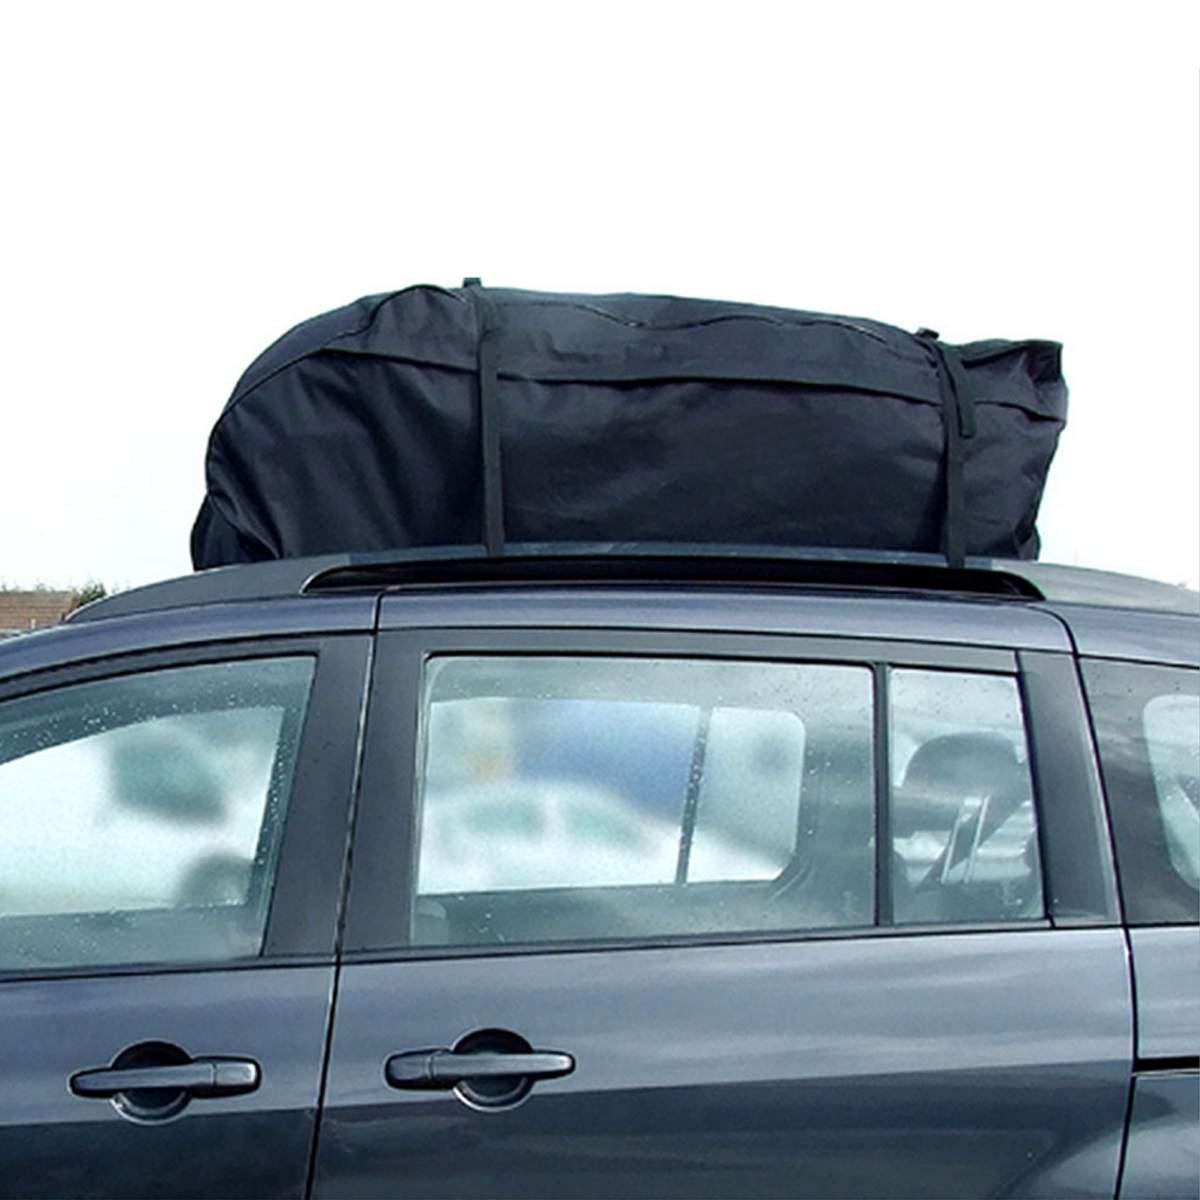 130X100X45 cm sac de toit de voiture sac de toit supérieur porte-bagages transporteur de bagages voyage étanche Touring SUV Van pour les voitures - 3